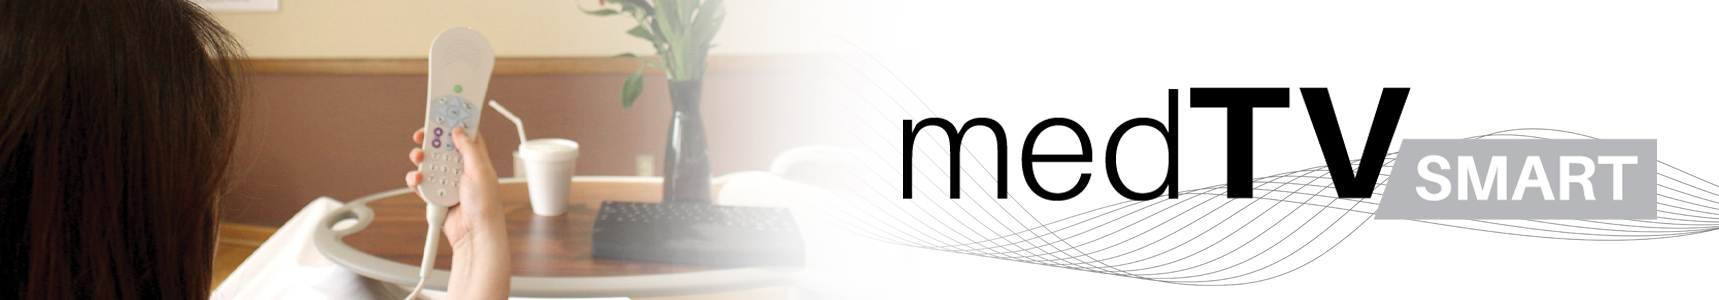 MedTV SMART banner